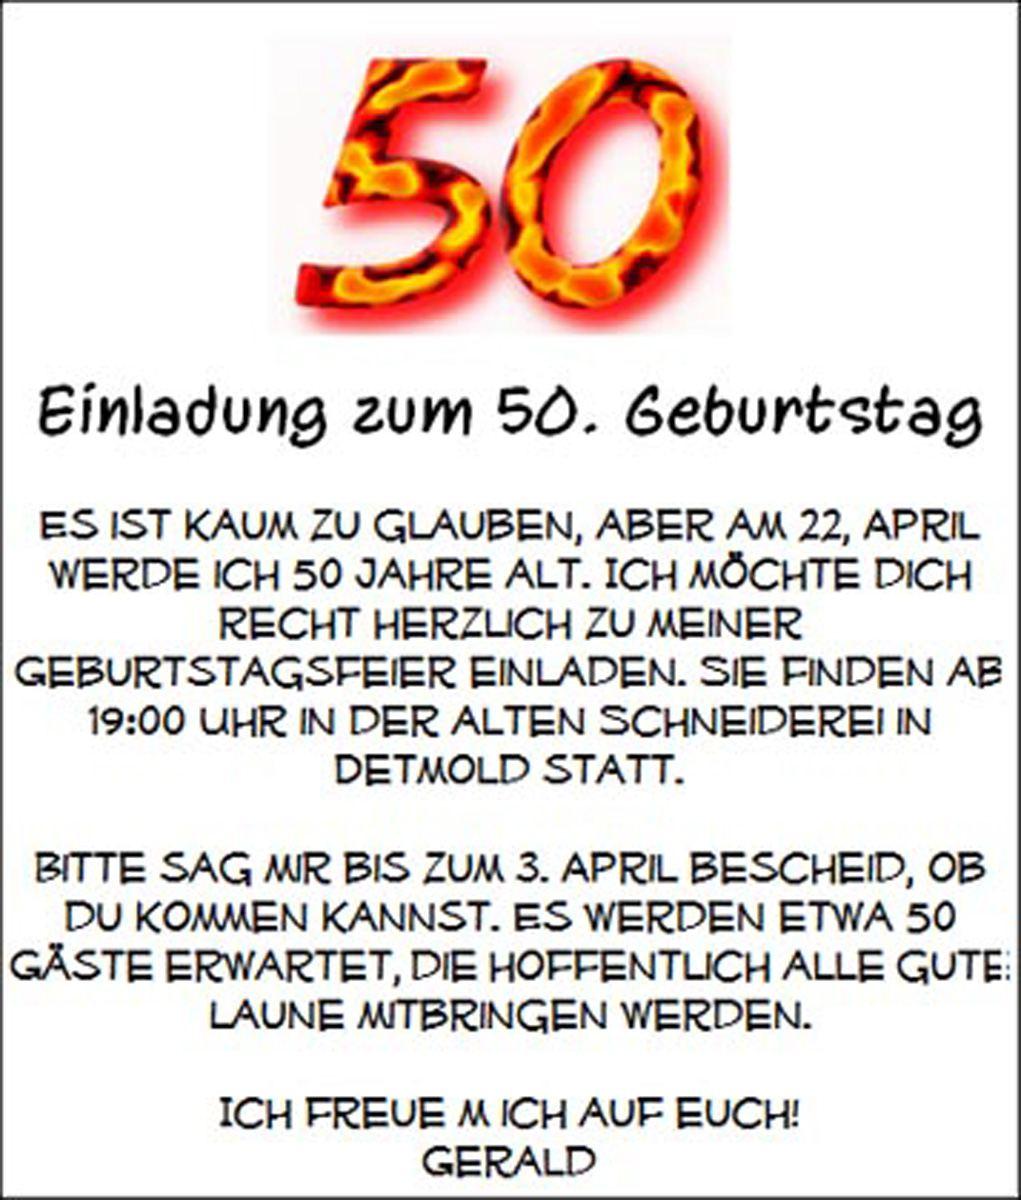 einladung 50 geburtstag : einladung 50 geburtstag text - geburstag, Einladungen